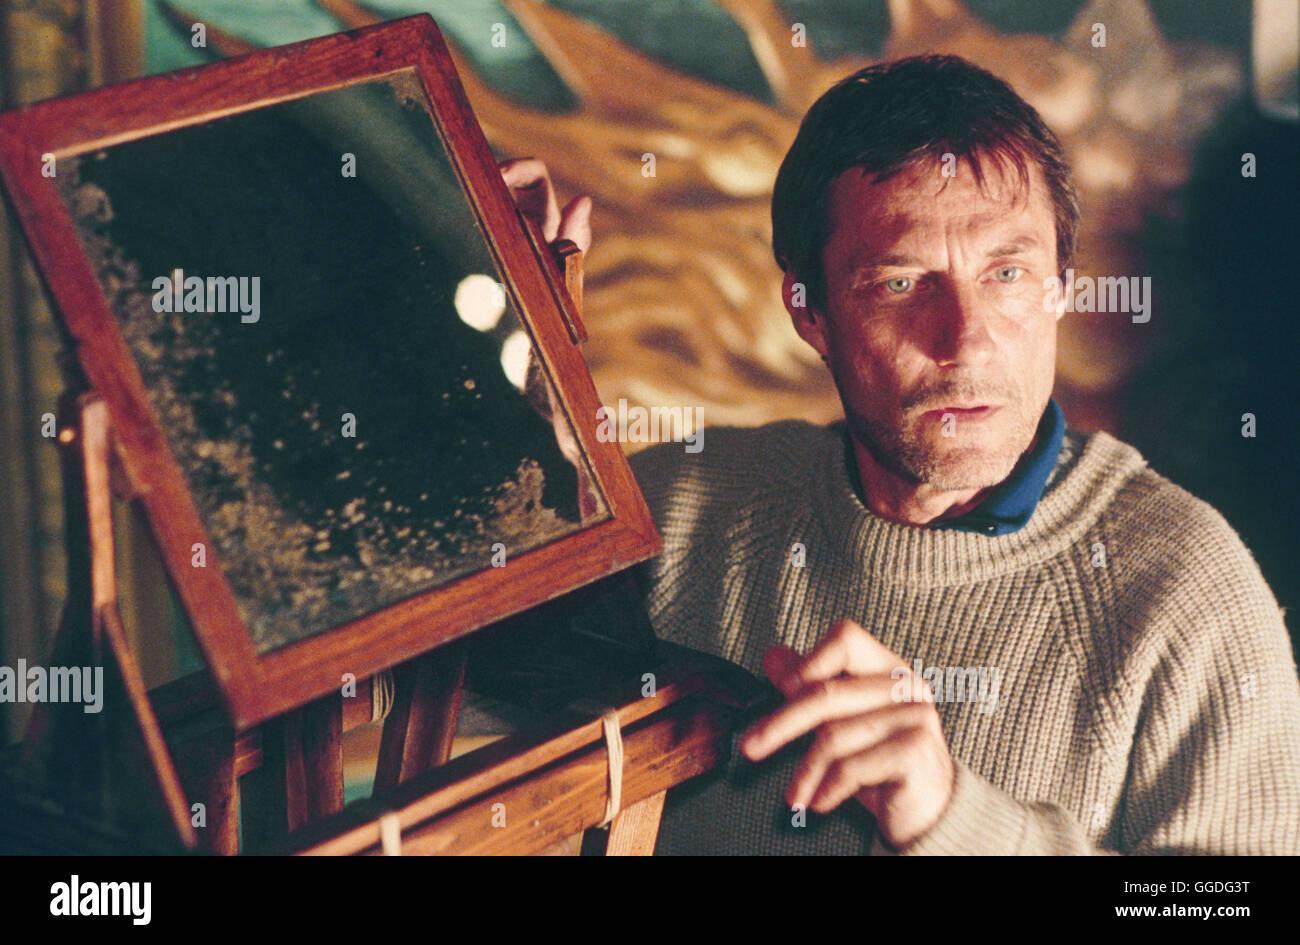 VATEL / Vatel F 2000 / Roland Joffe Für Francois Vatel steht bei der Ausrichtung eines Festes für den Sonnenkönig Stock Photo